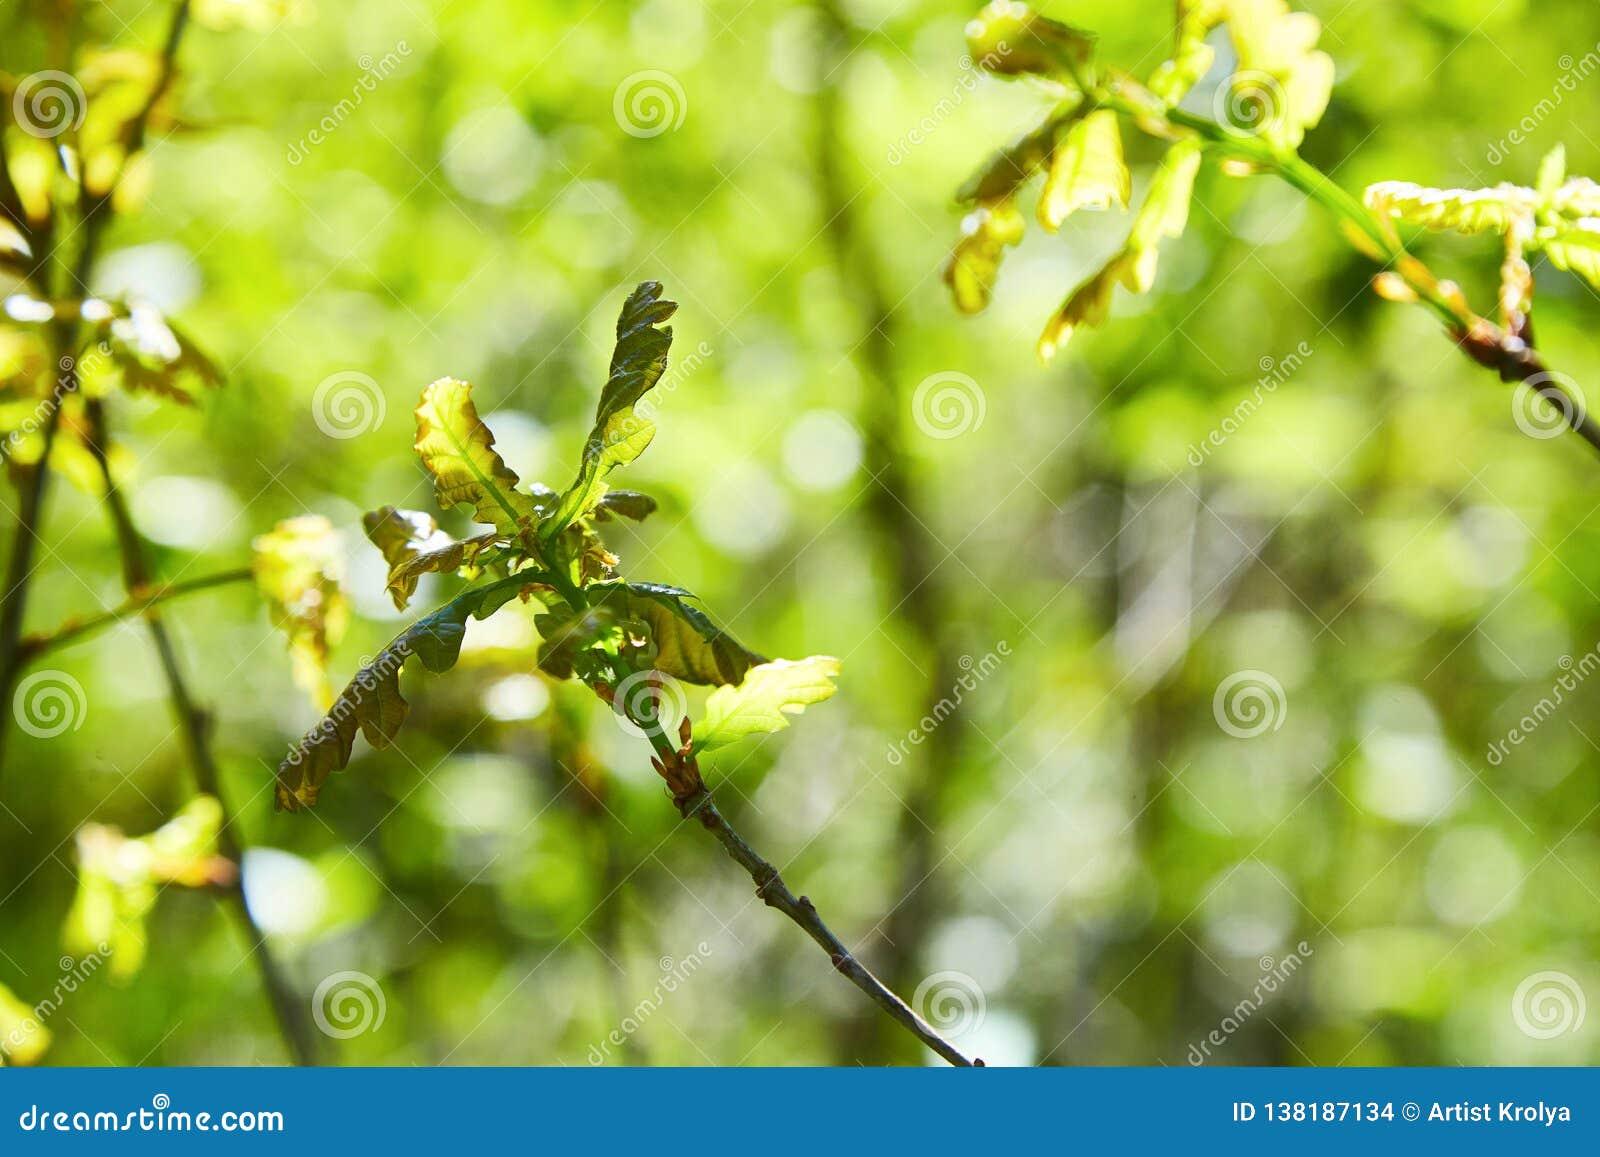 Dębowego drzewa flanca z zielenią opuszcza na glebowym tle wśród rożka światła słonecznego